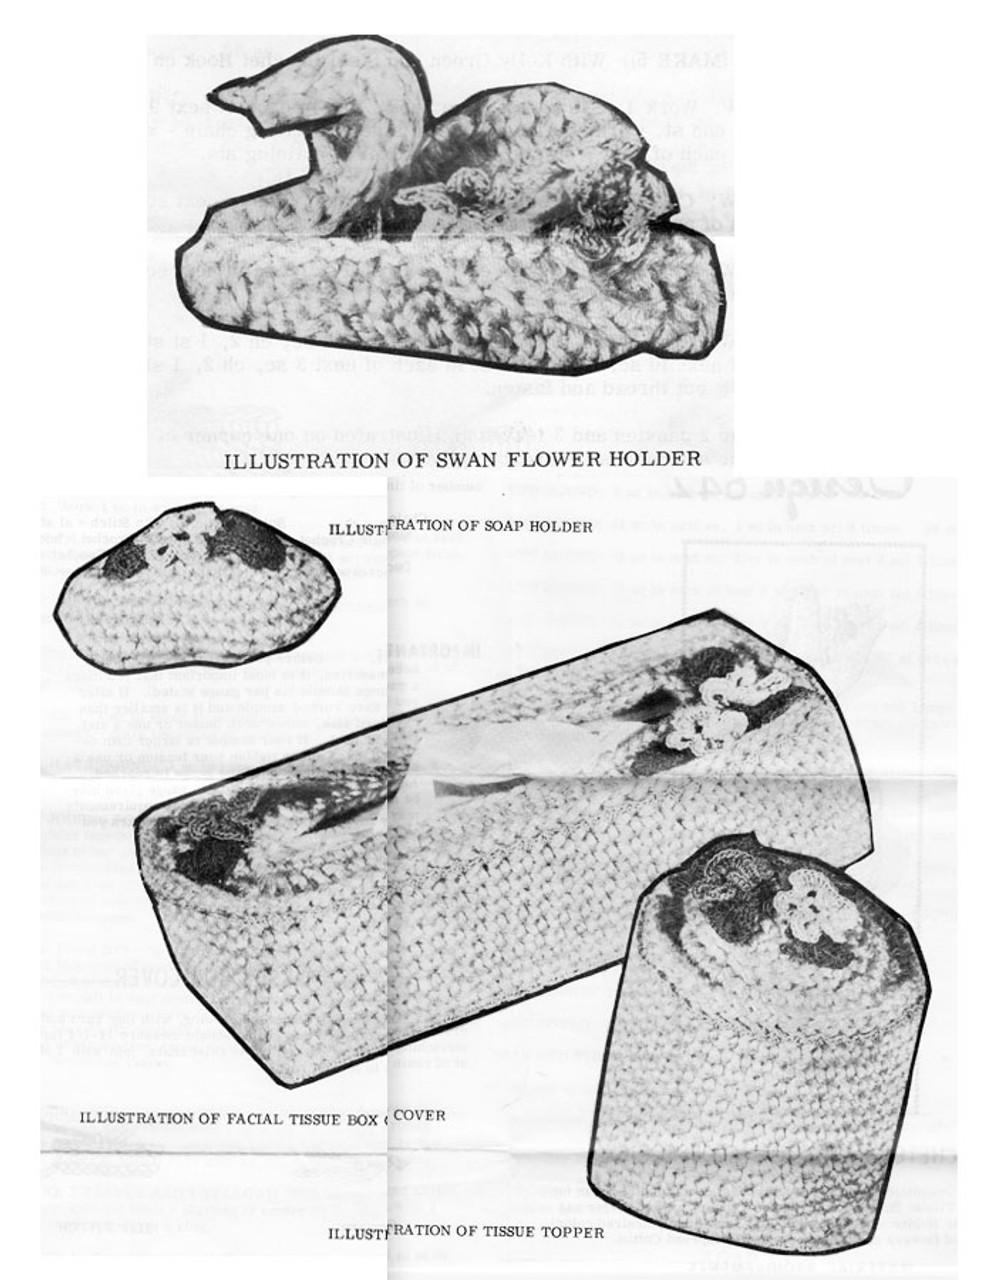 Crochet Tissue Topper Pattern Illustration, Laura Wheeler 642